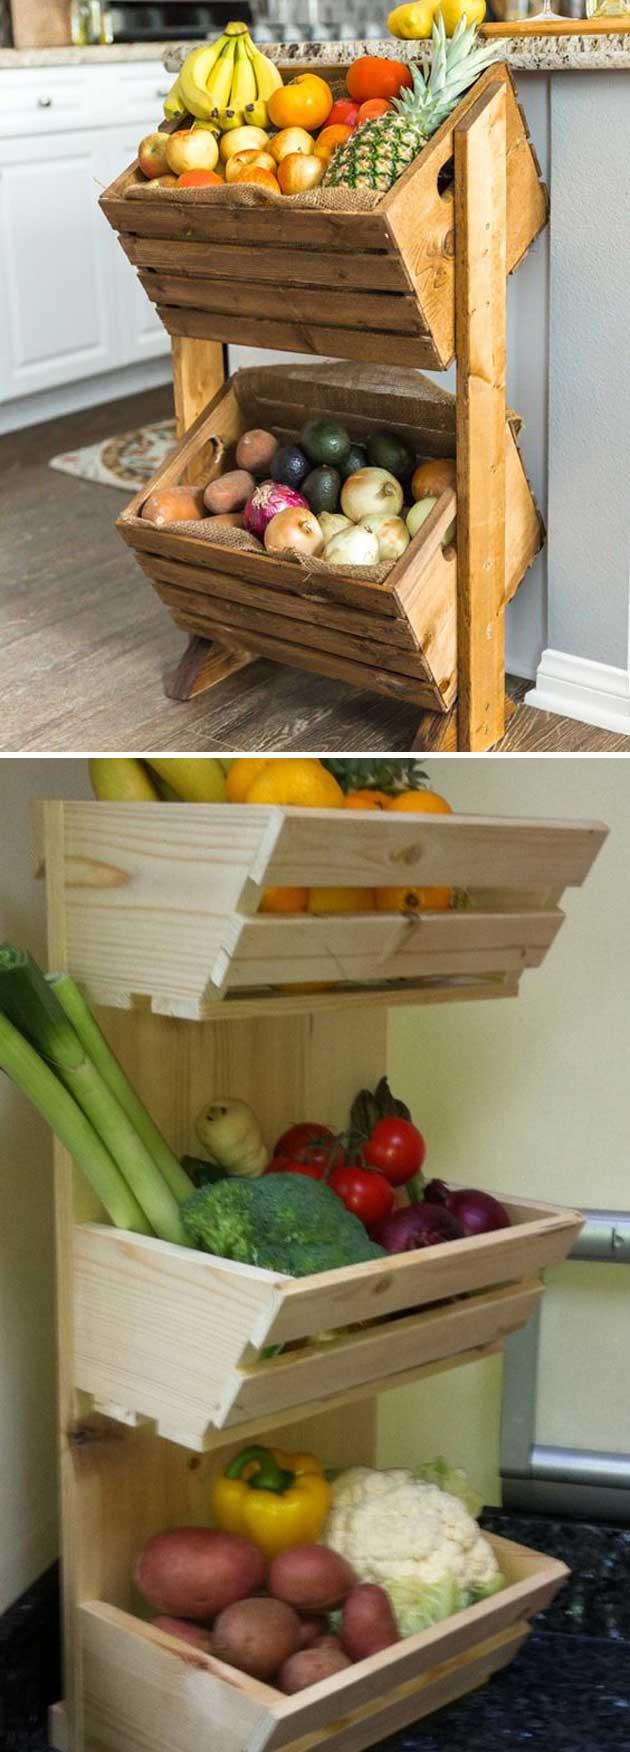 armazenar produtos frescos cozinha caixotes diy